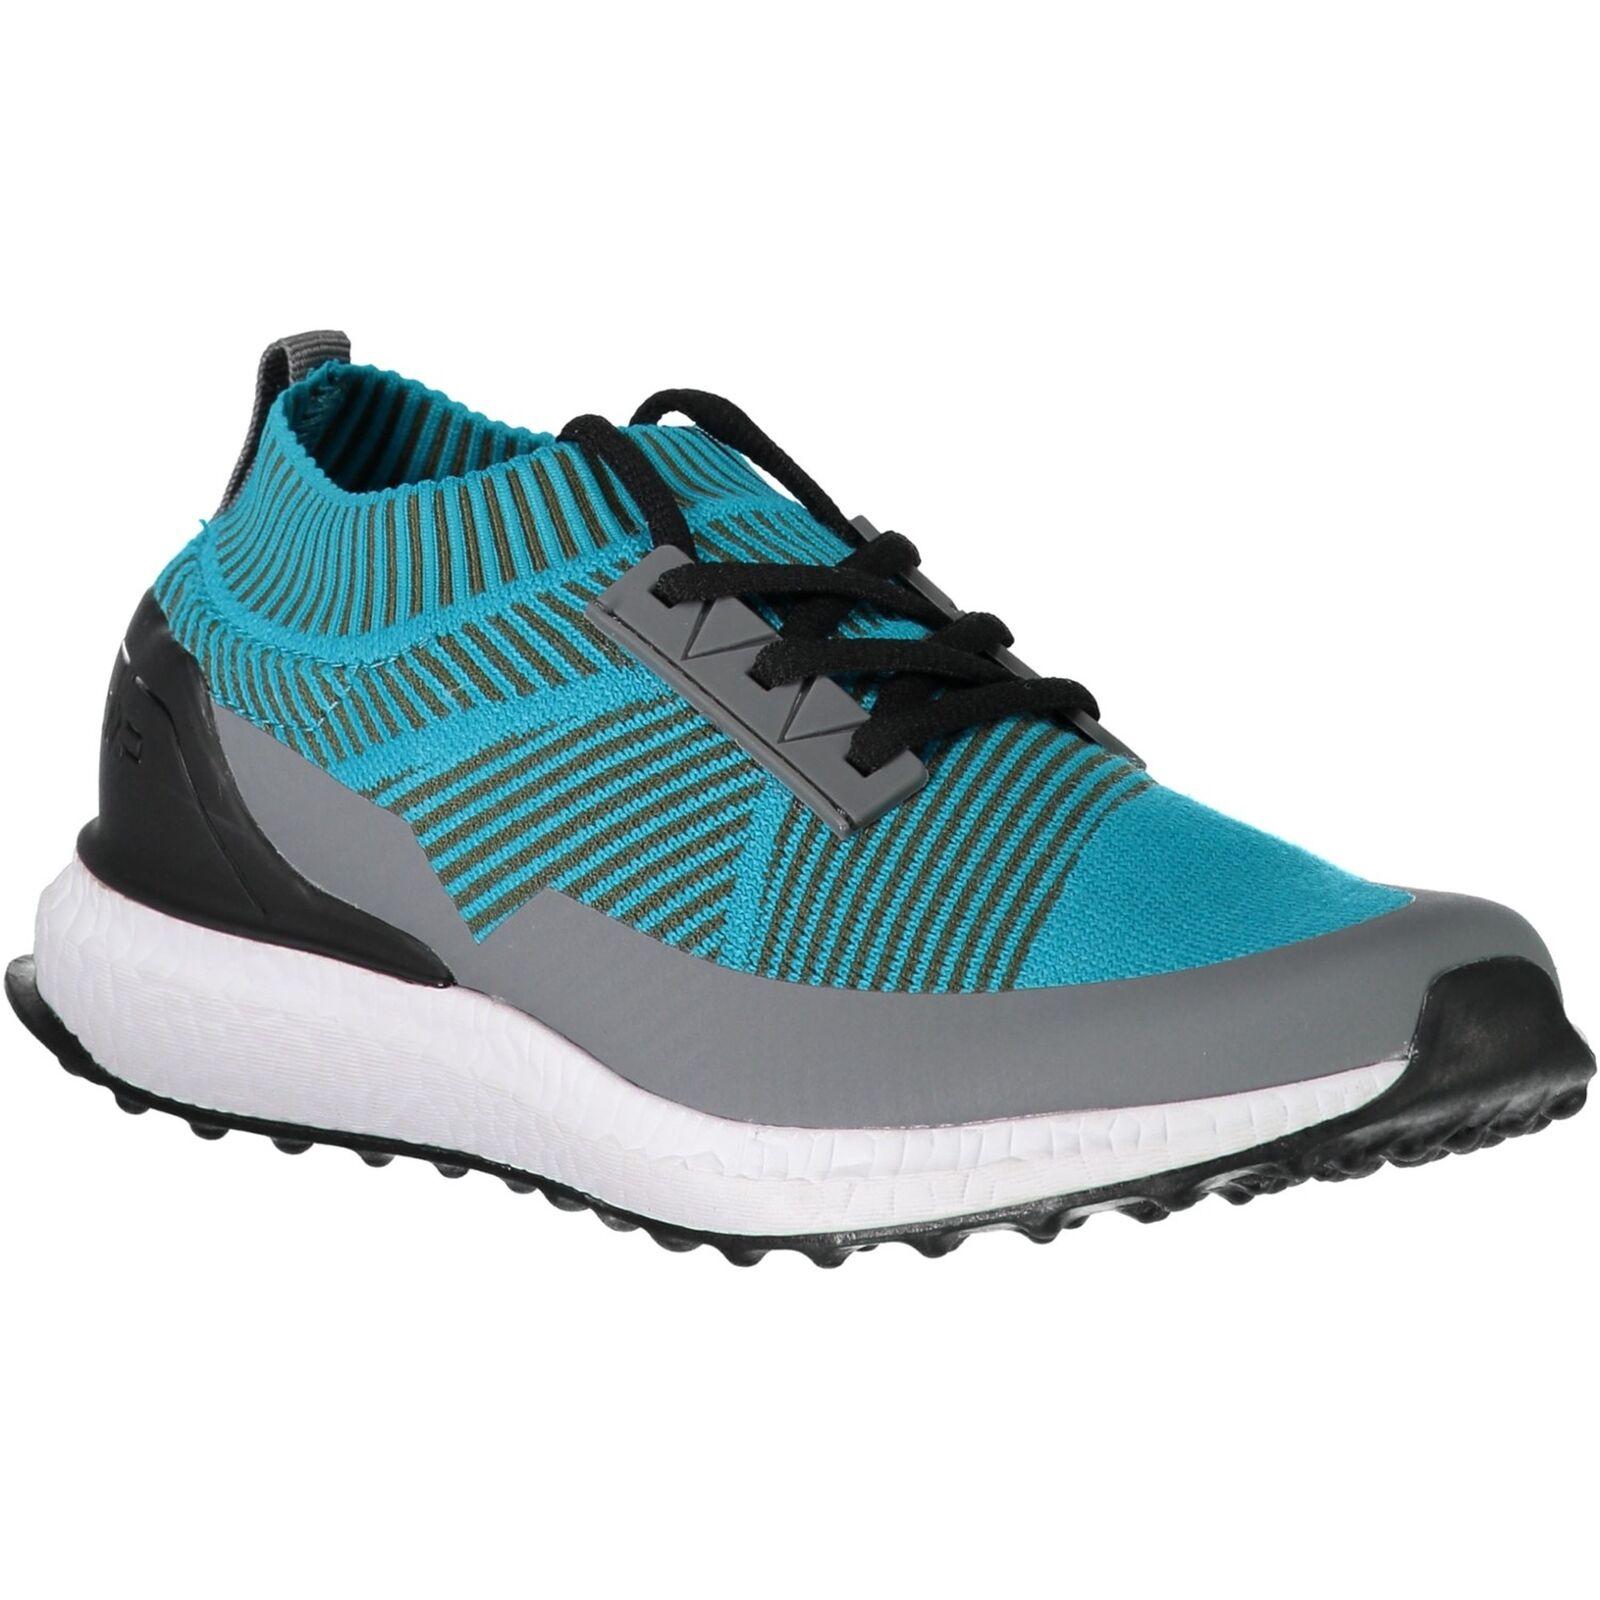 CMP  Trainers Sport shoes Nembus Wool Women's Lifestyle shoes bluee Nylon  store